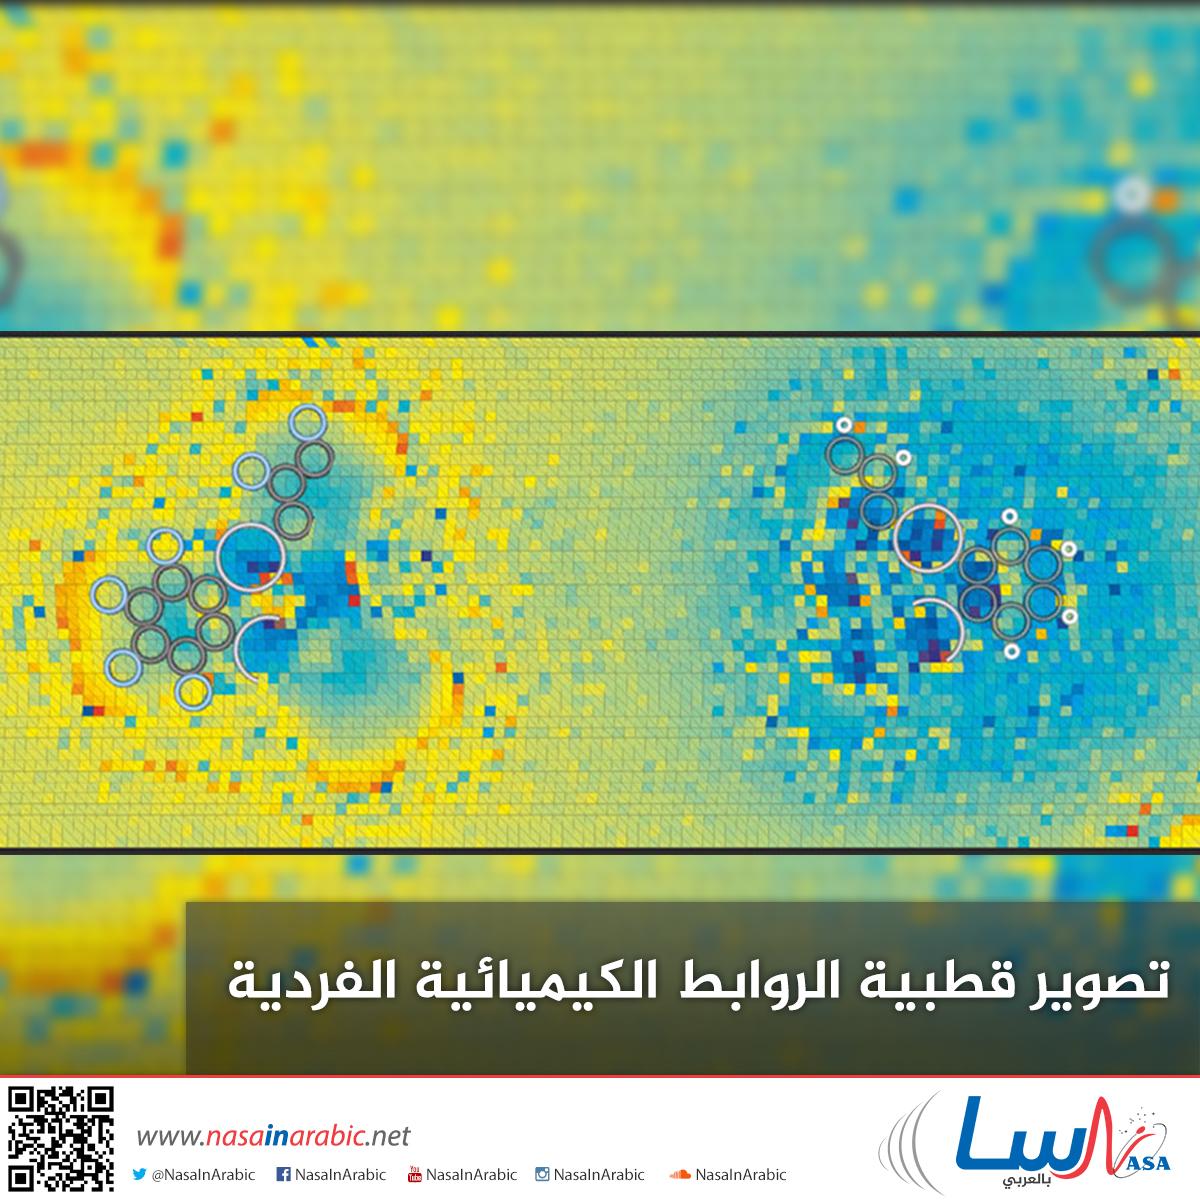 تصوير قطبية الروابط الكيميائية الفردية